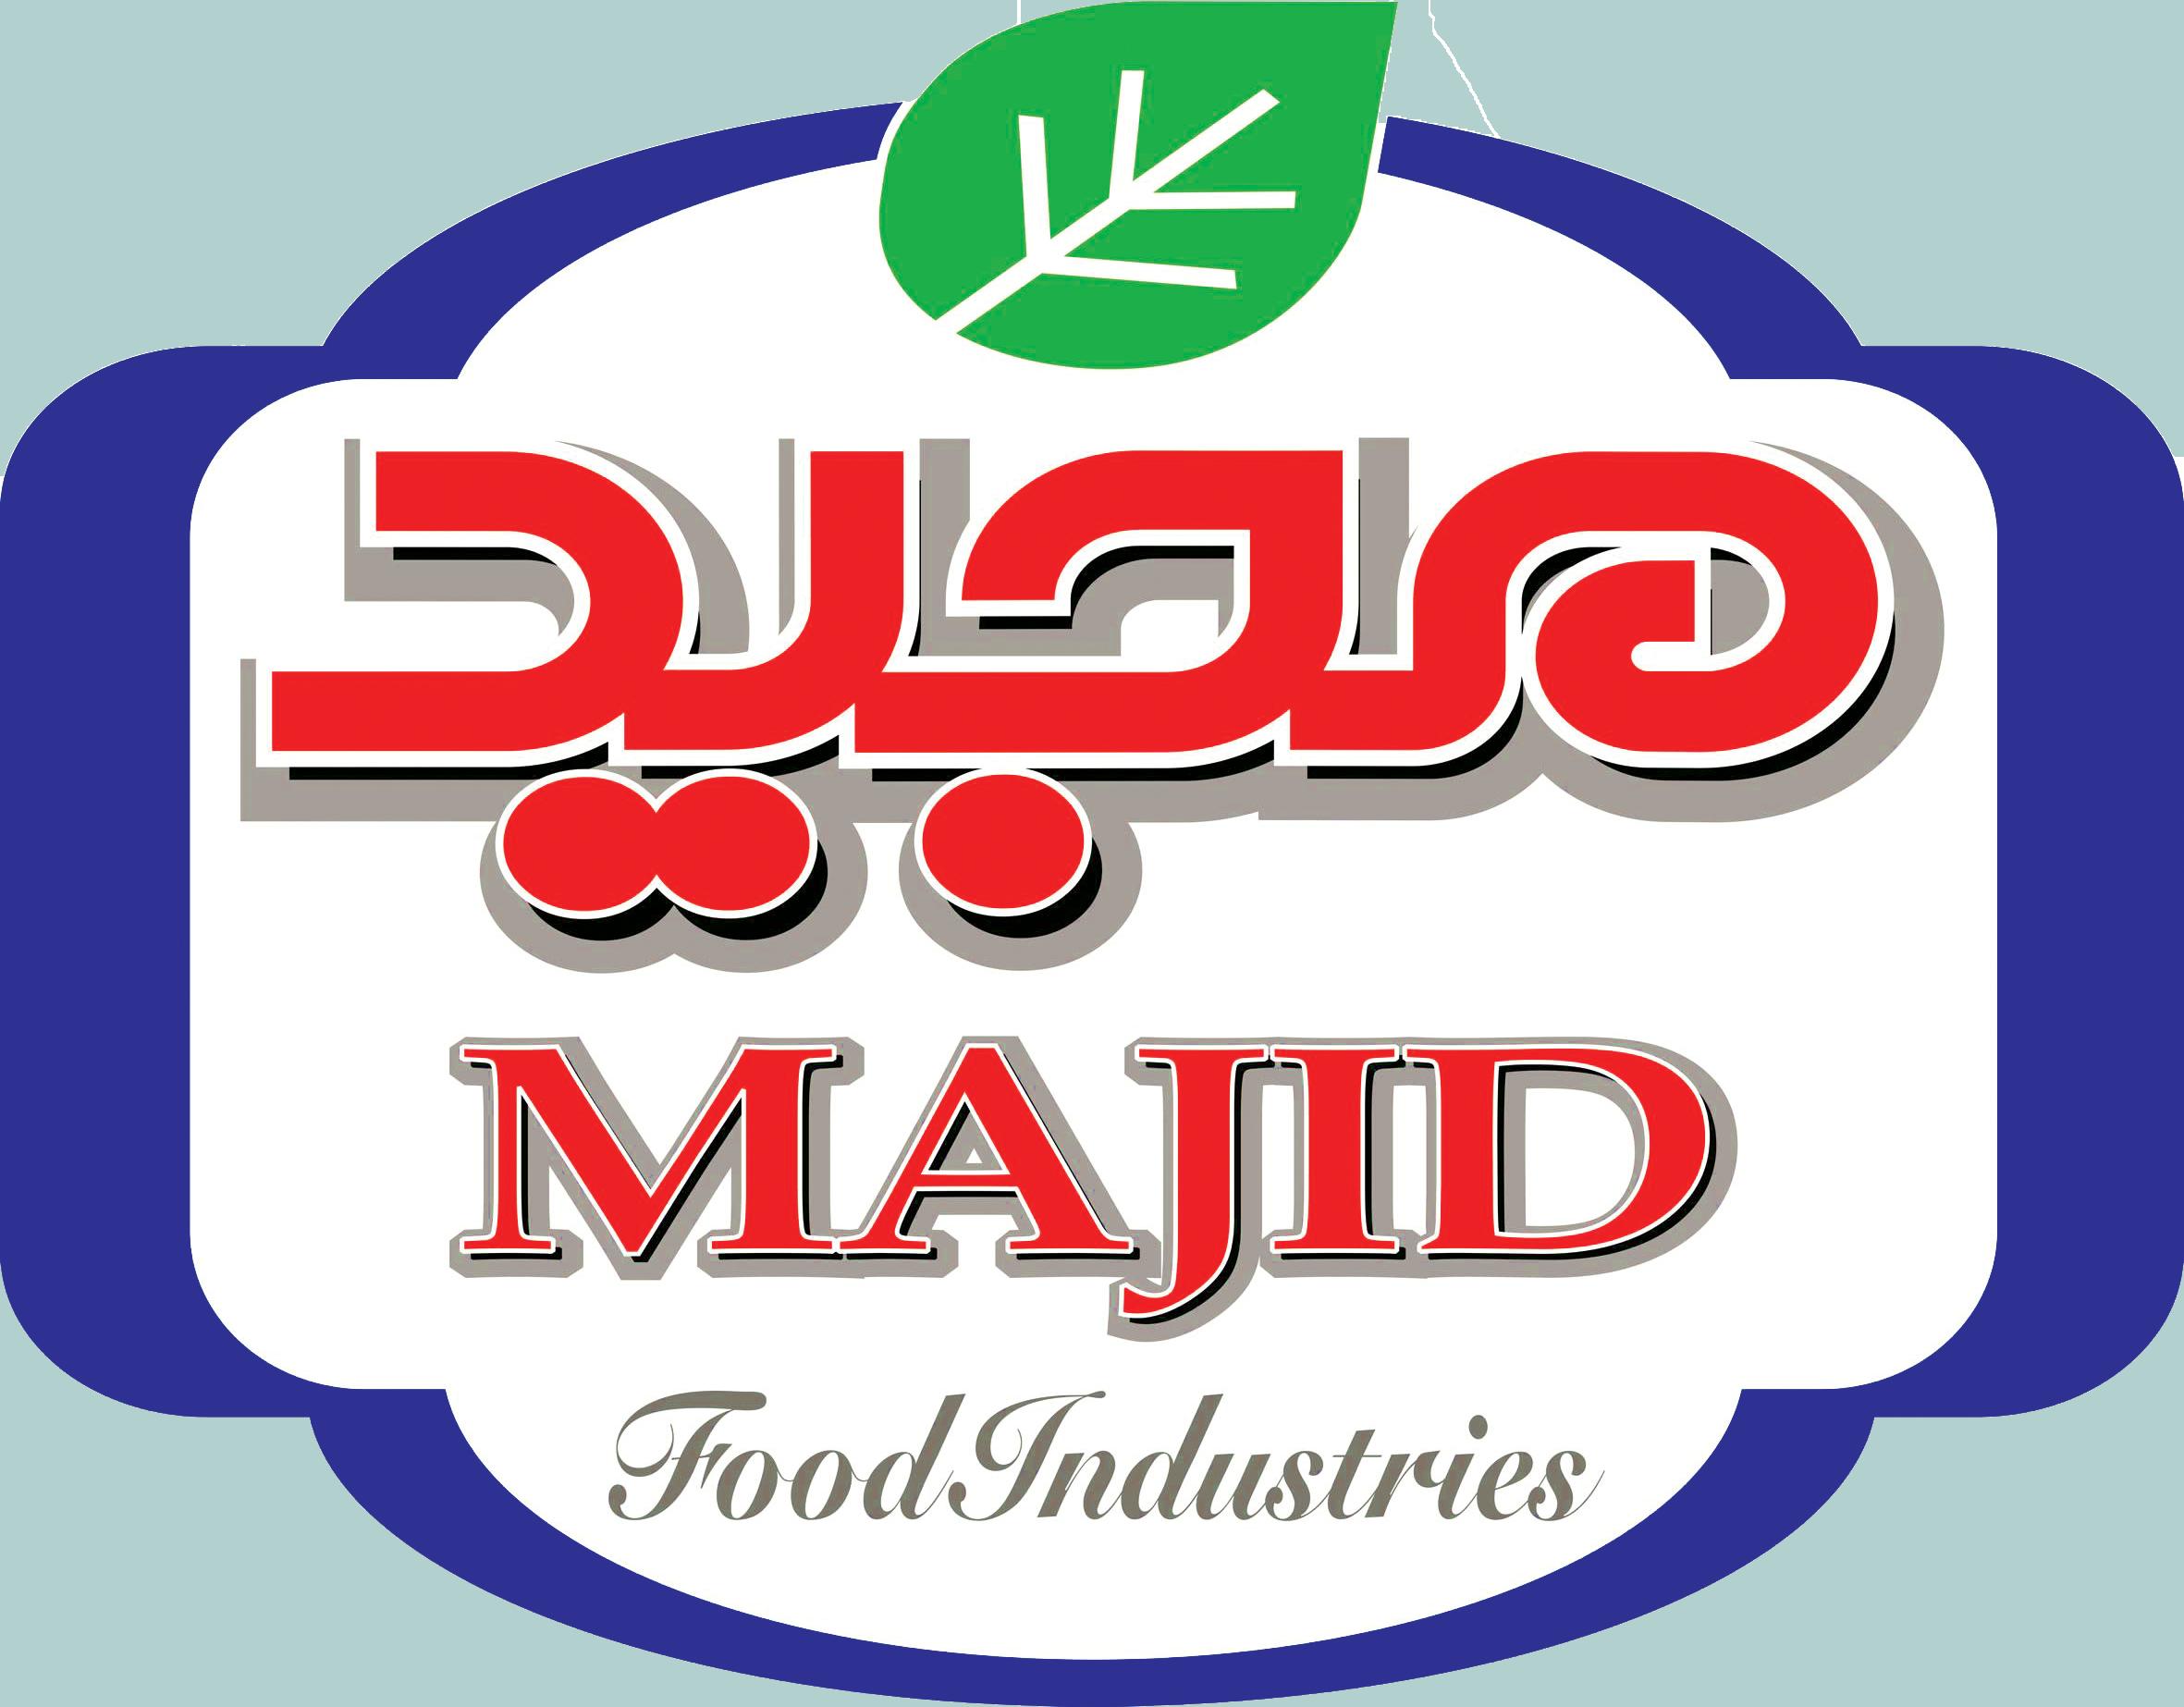 صنایع غذایی مجید-